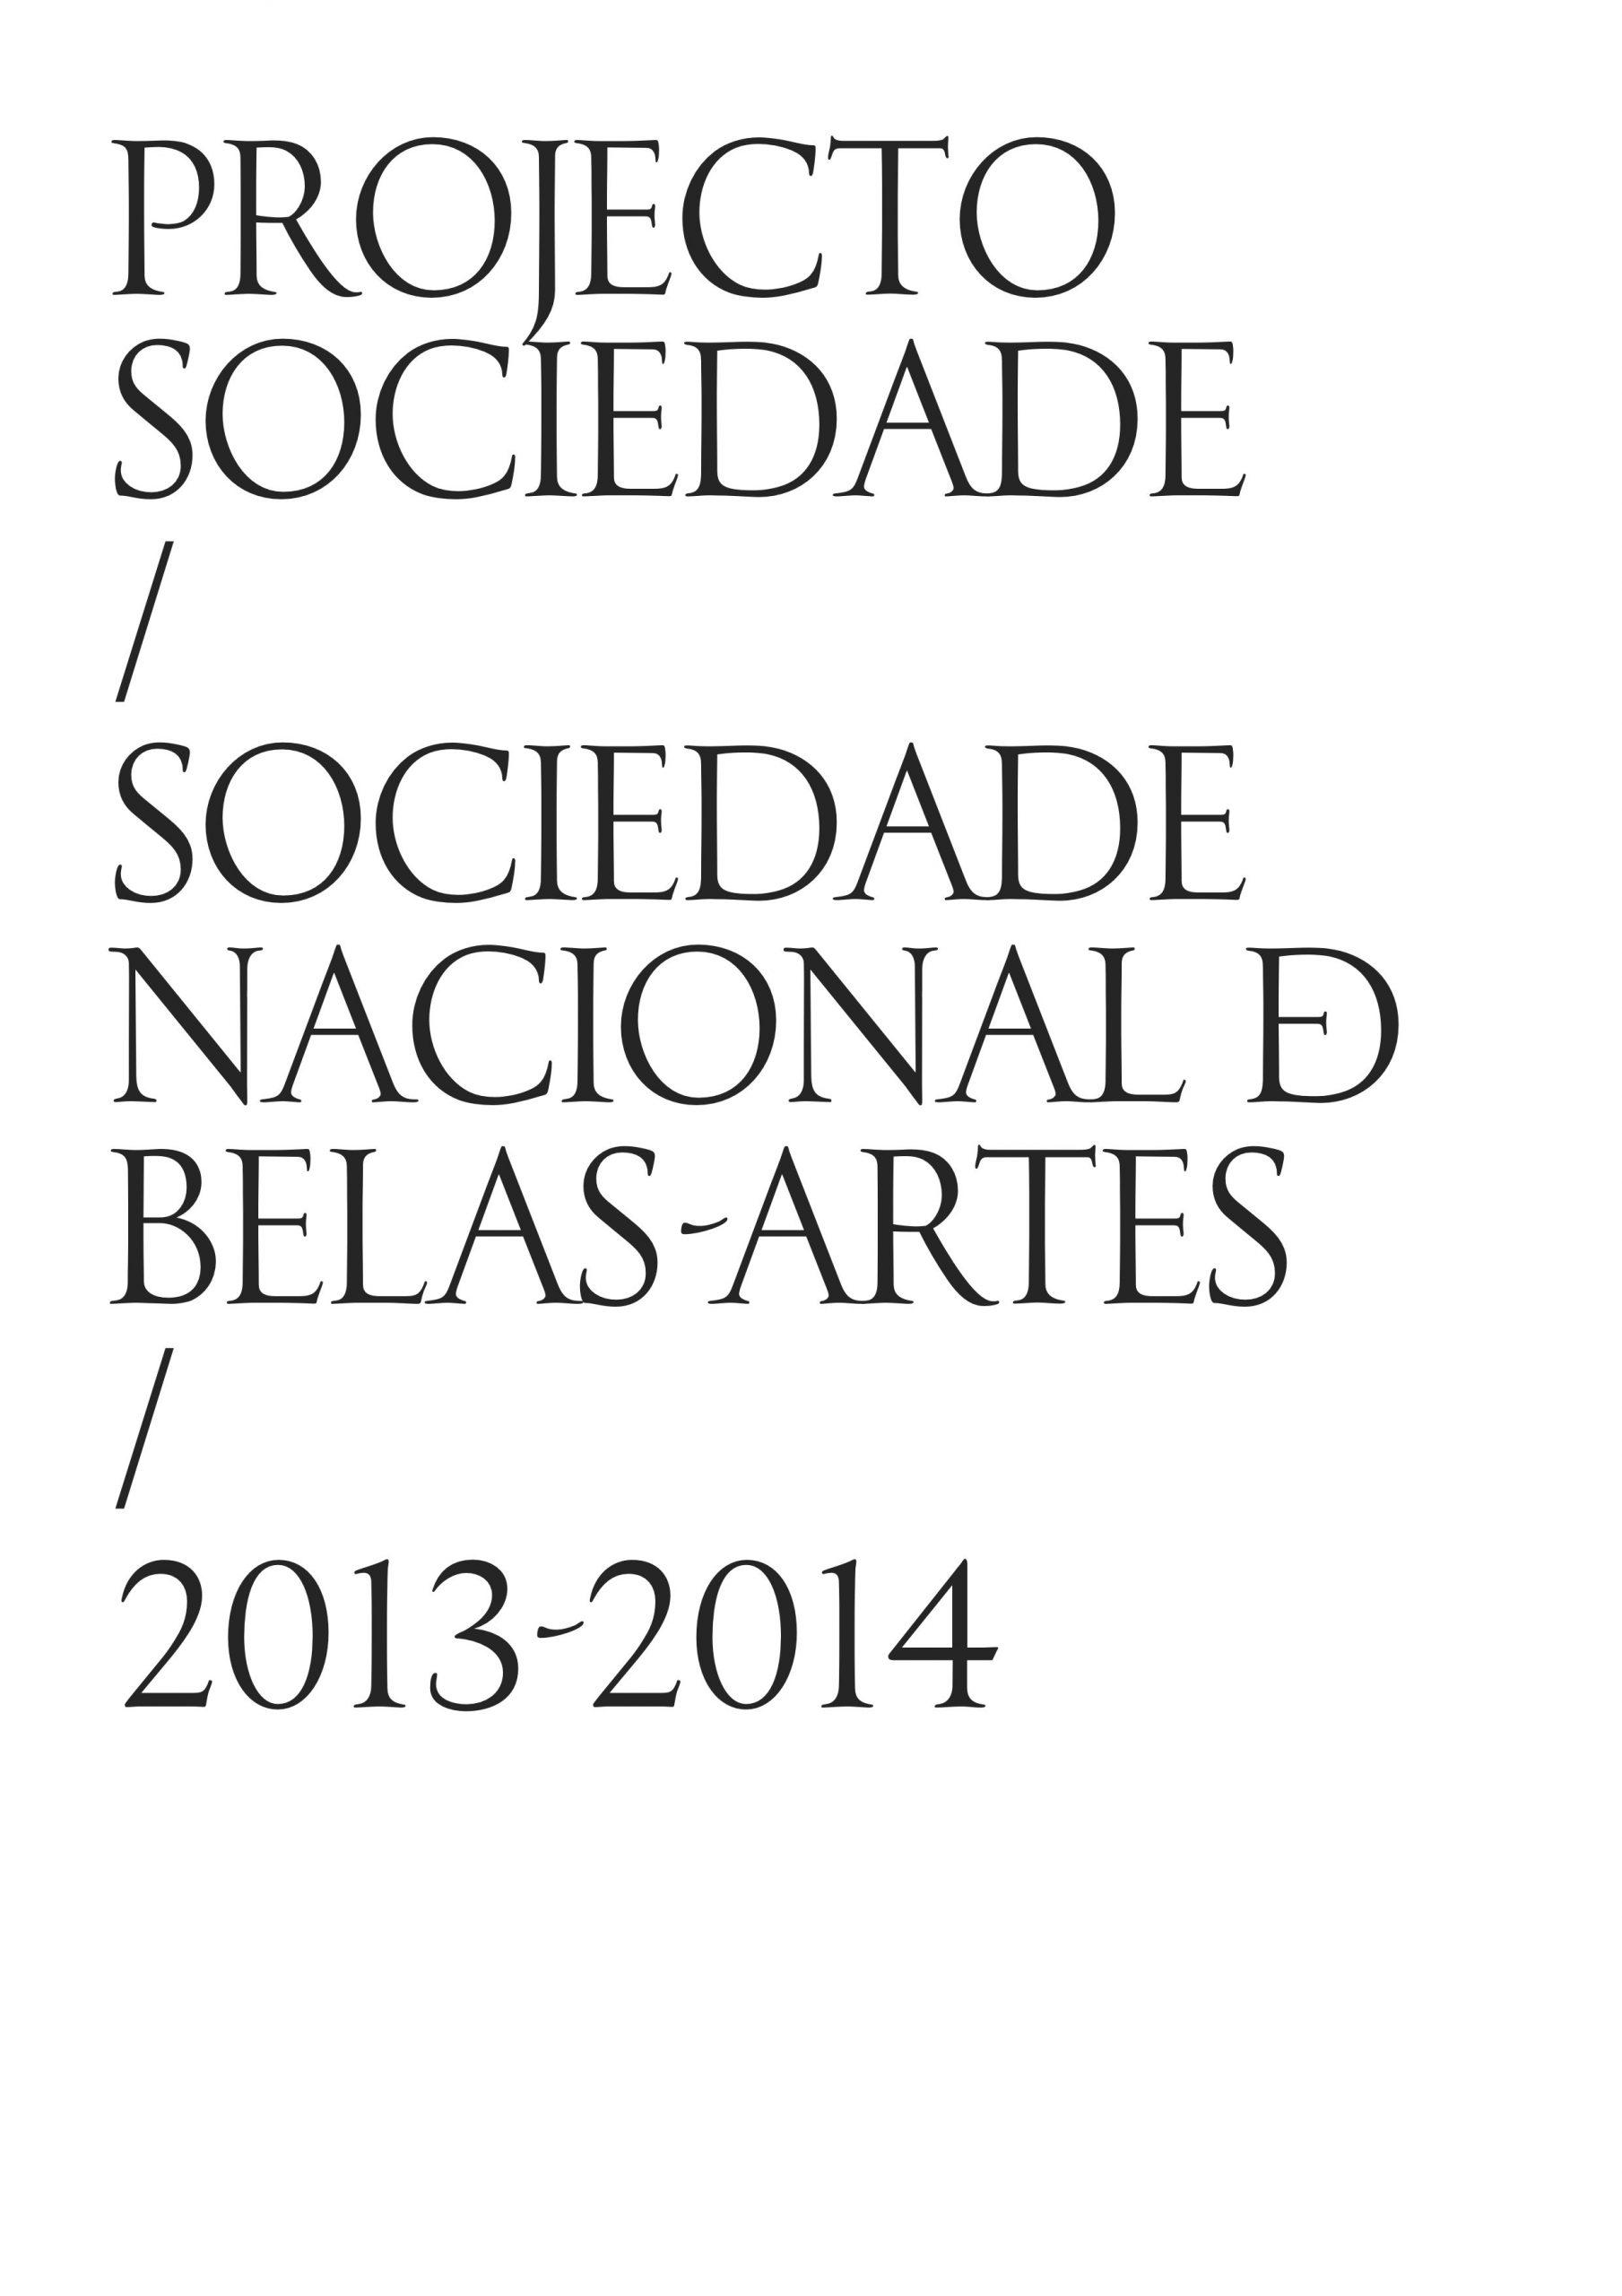 Projecto Sociedade